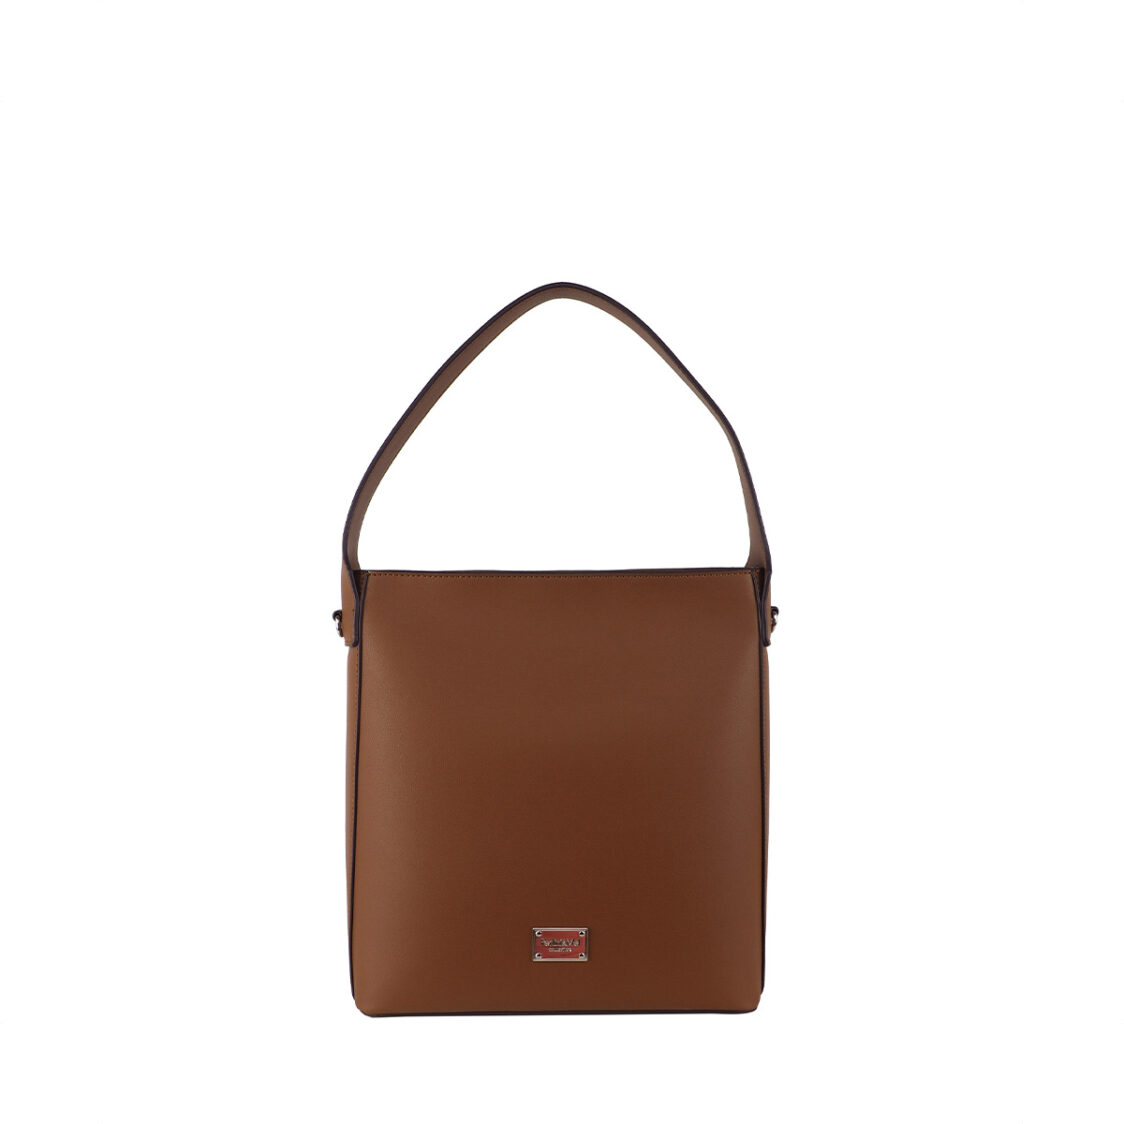 Perllini  Mel Structured Shoulder Sling Bag Tan PY9921-Tan